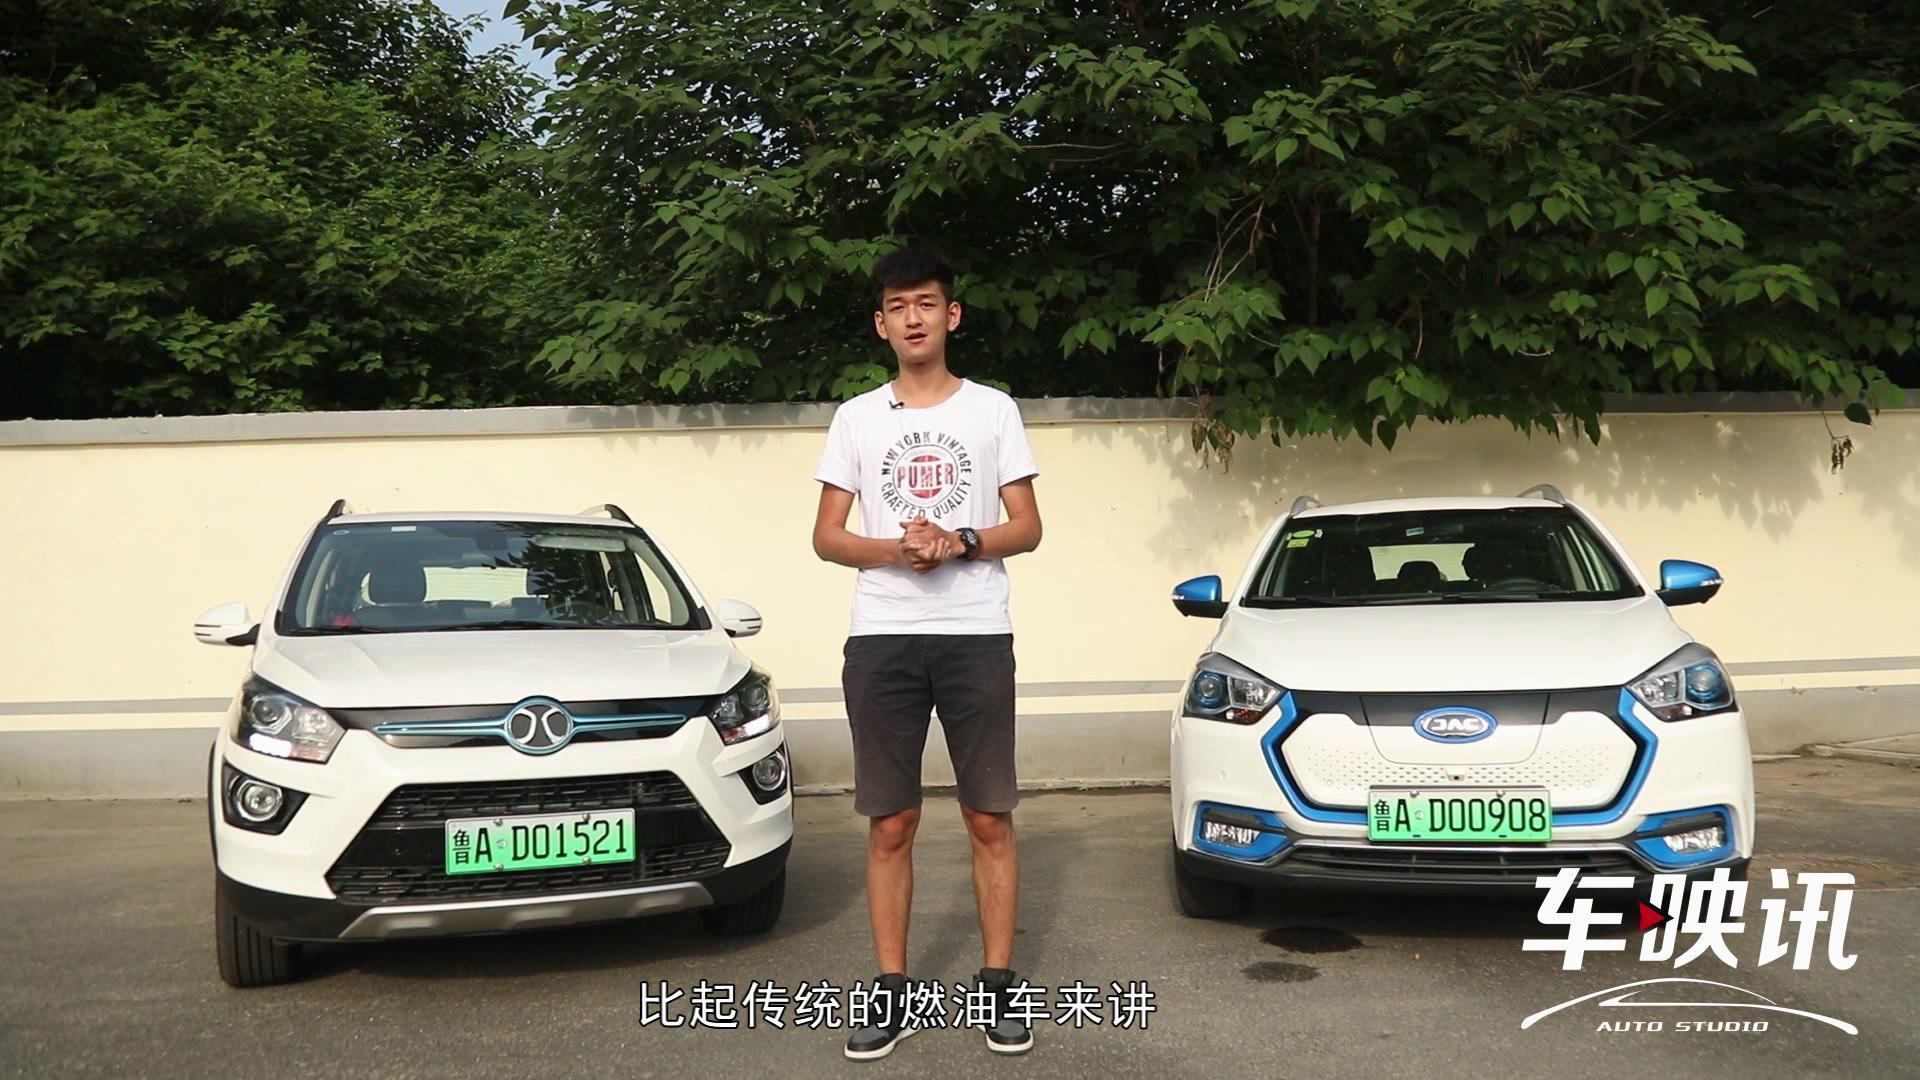 江淮iEV7S对比北汽EX360,电动汽车有啥不一样?